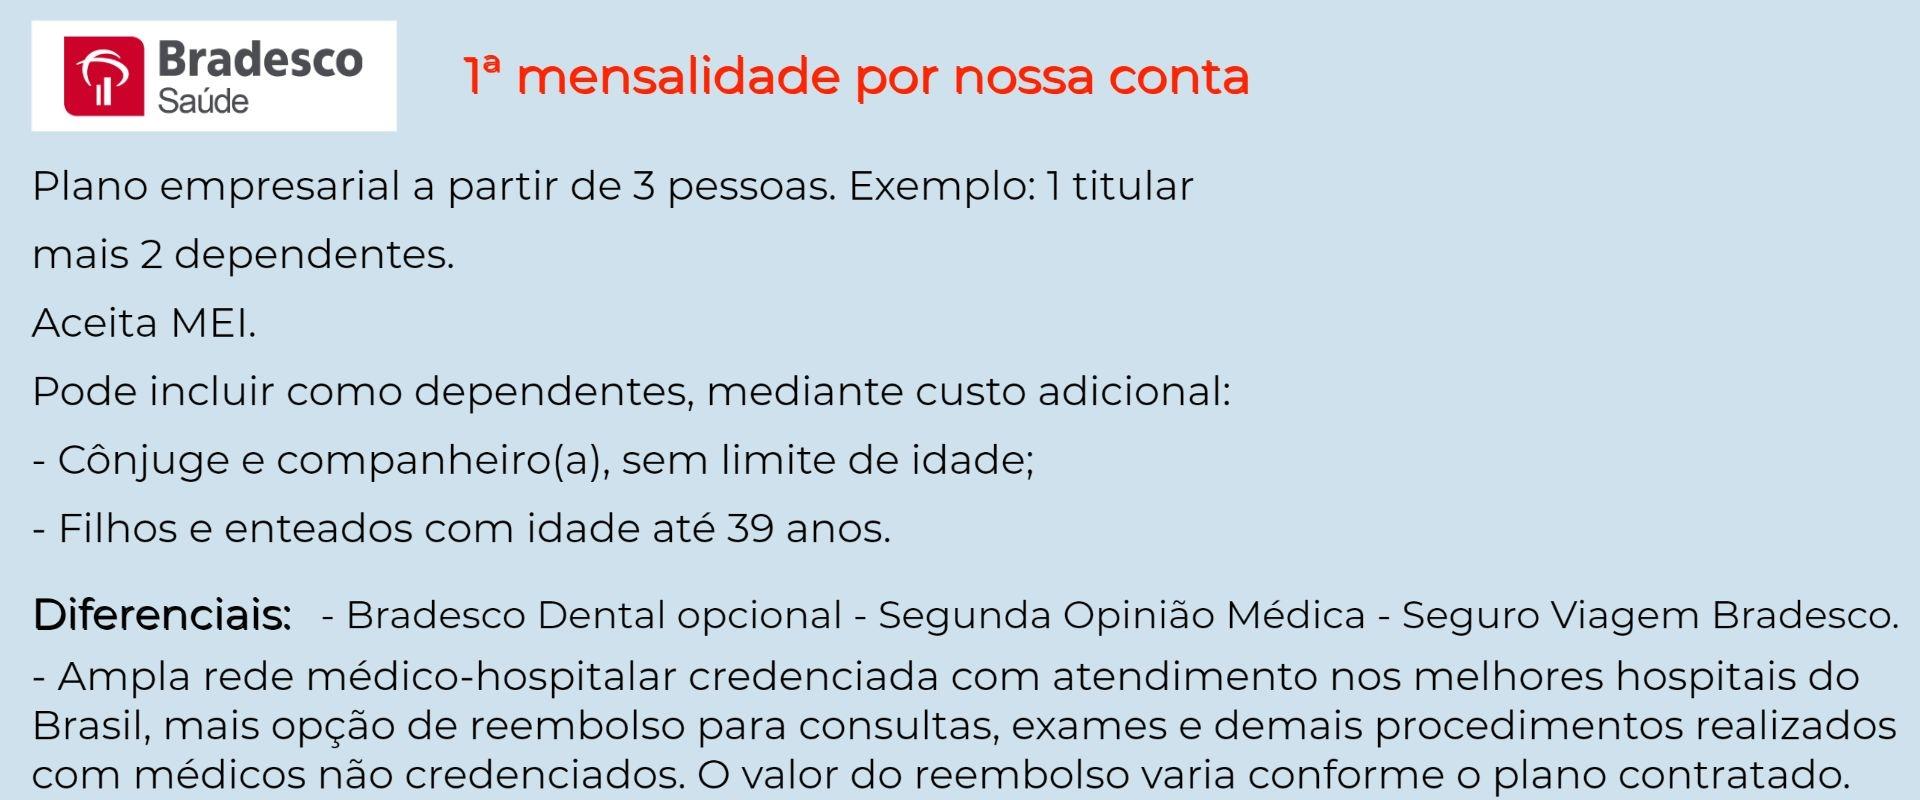 Bradesco Saúde Empresarial - Iúna